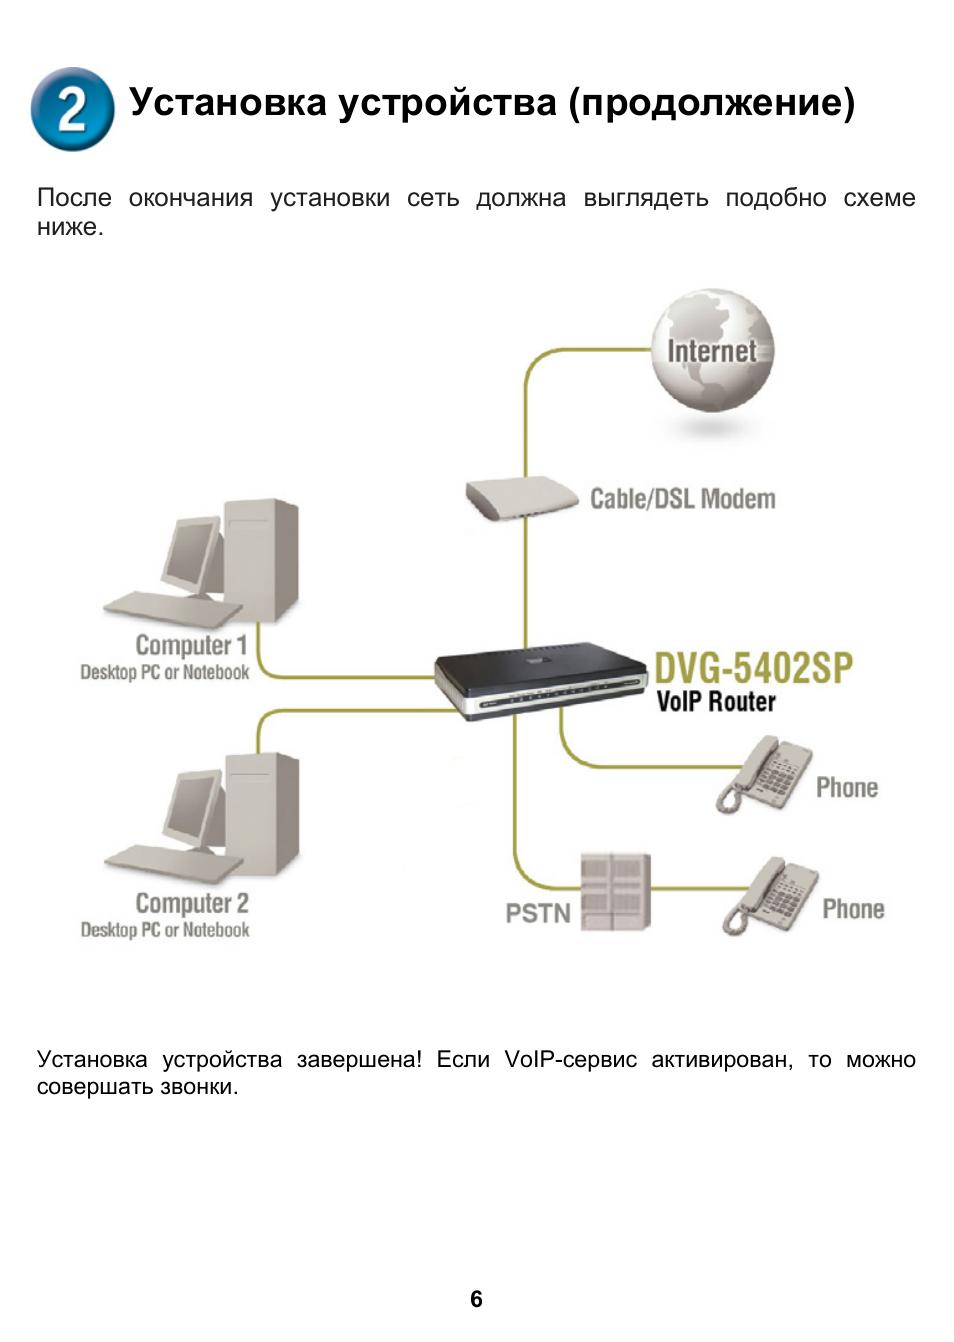 Установка устройства (продолжение) Инструкция по эксплуатации D-Link DVG-5402SP Страница 6 / 12